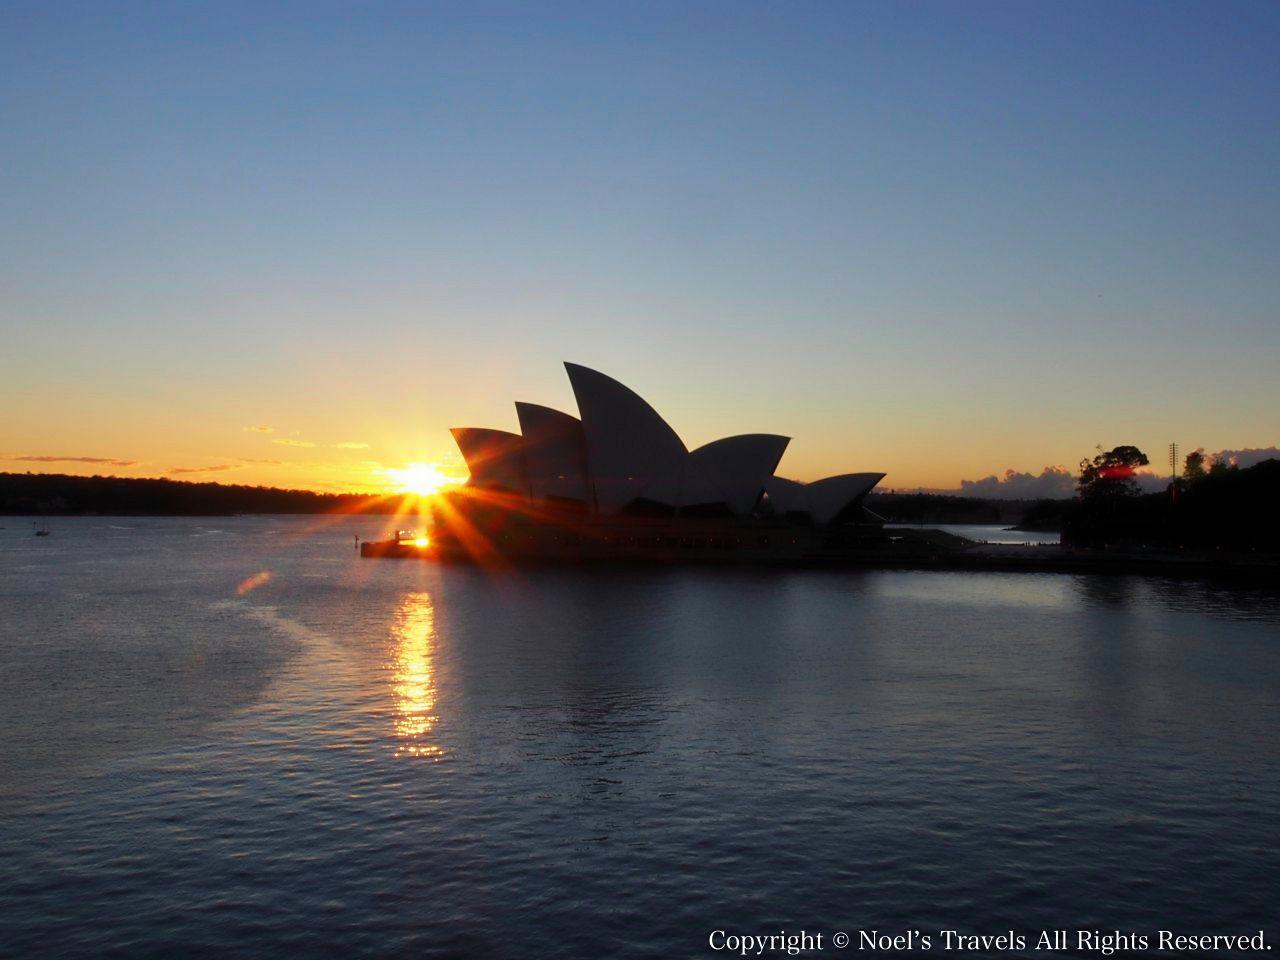 シドニーオペラハウスと朝日